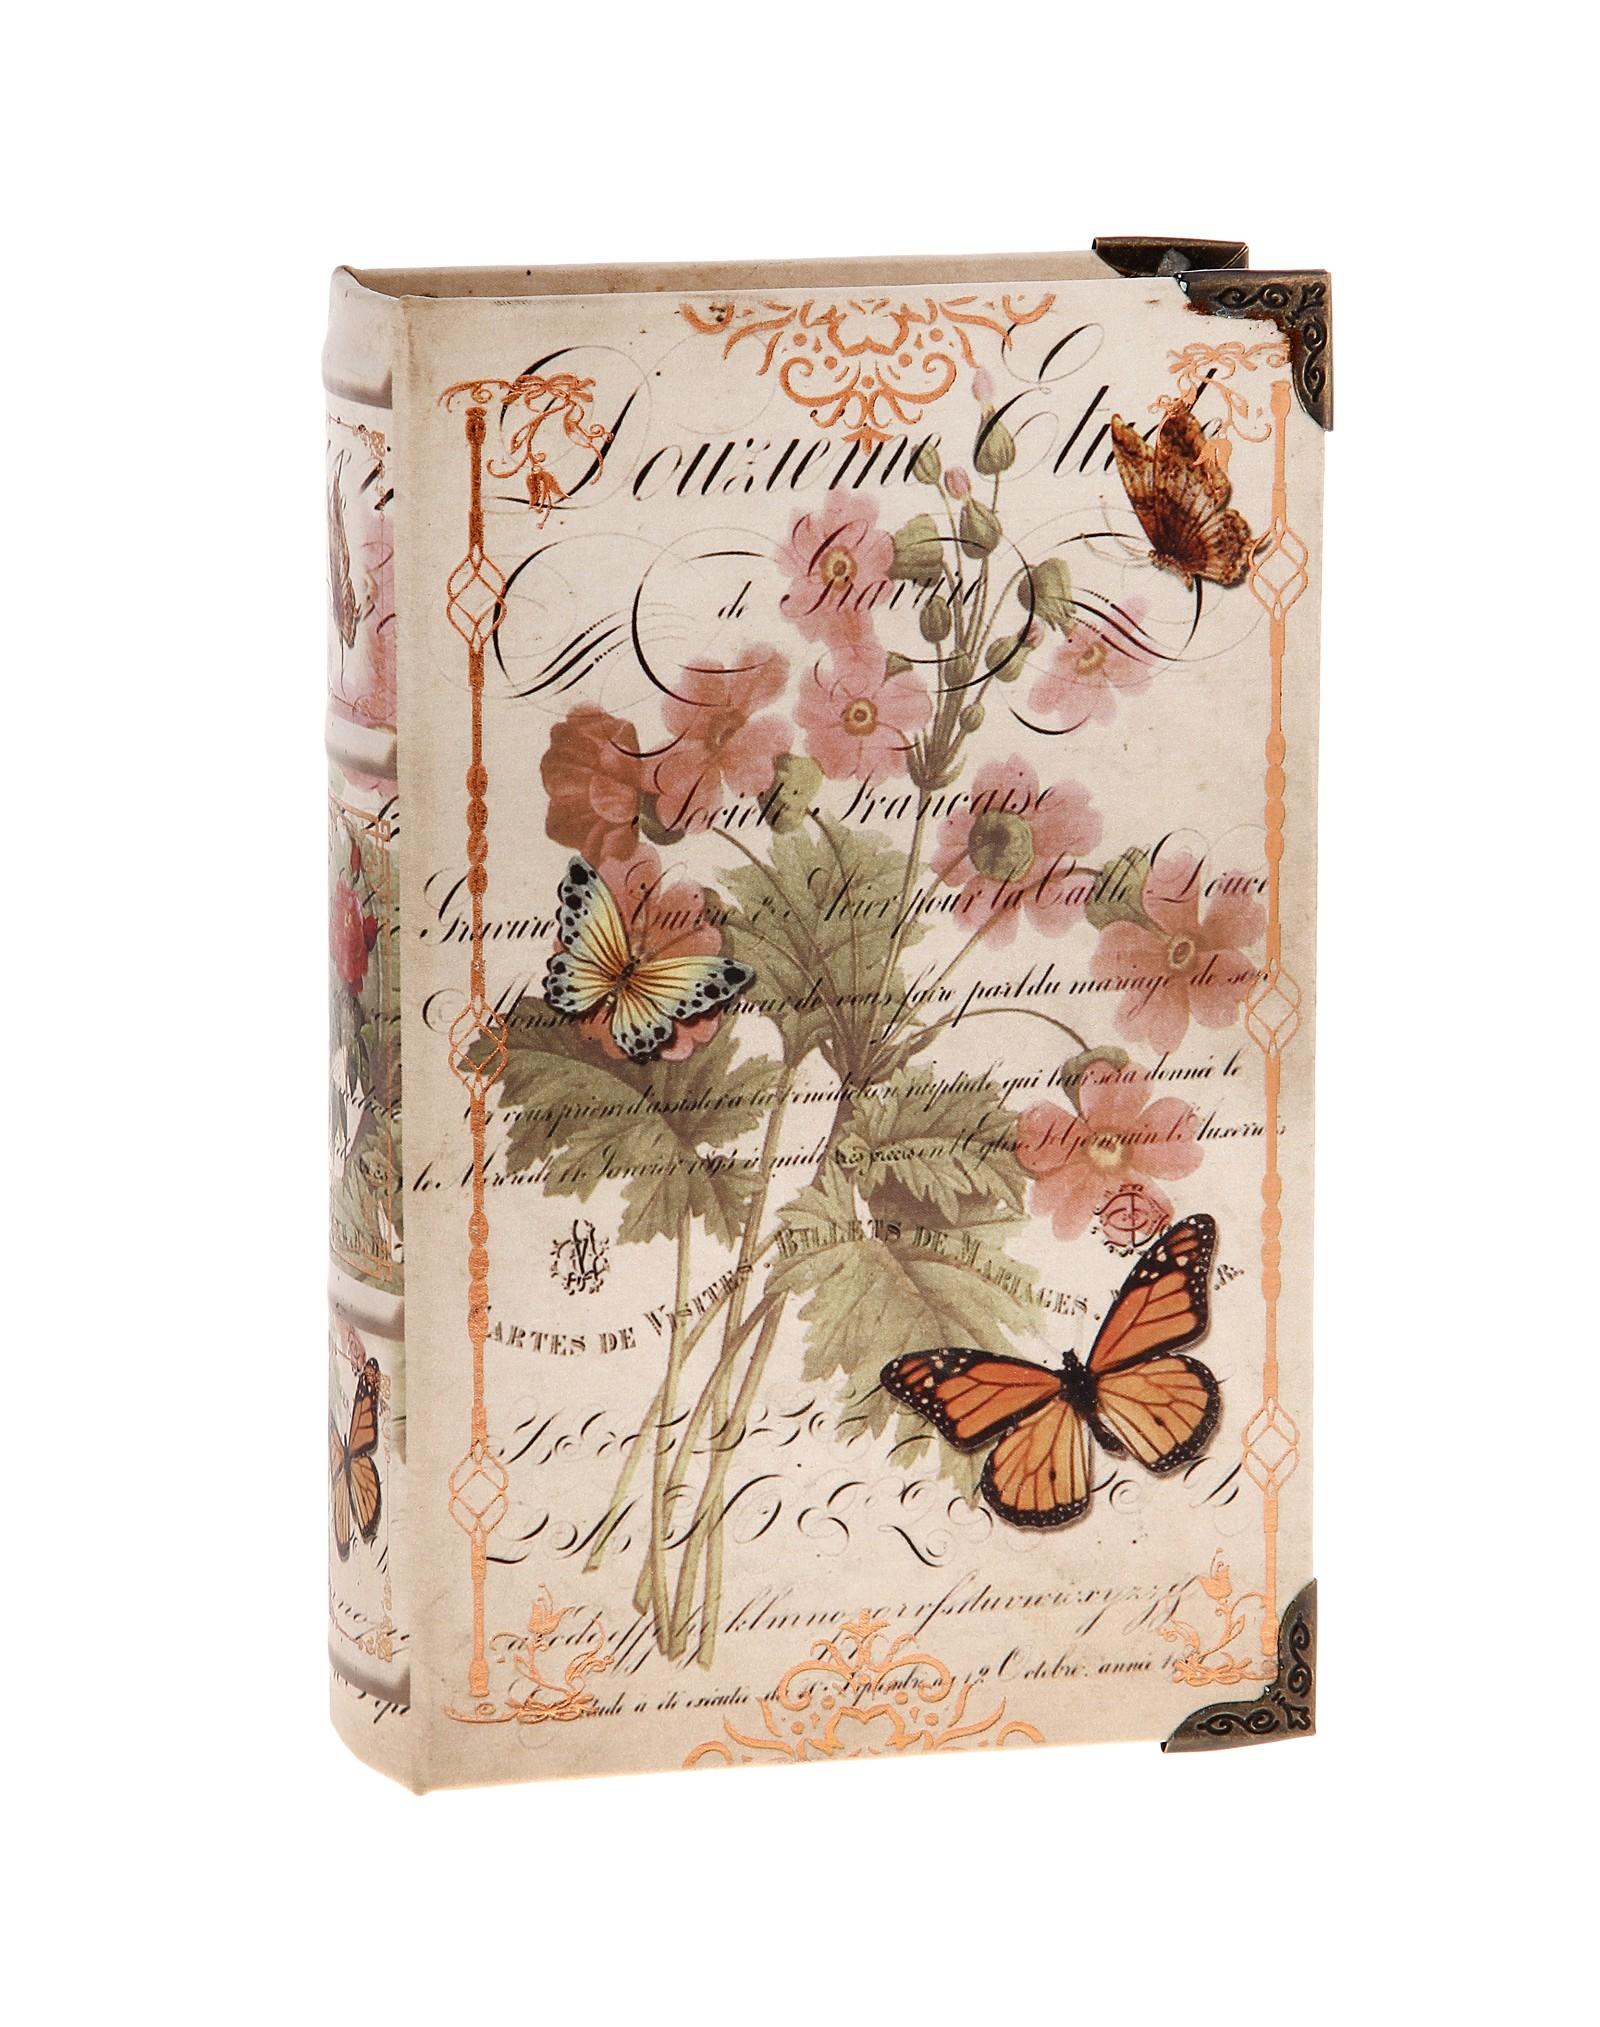 Шкатулка-книга Полевые цветыFS-80299Оригинальное оформление шкатулки, несомненно, привлечет внимание. Шкатулка изготовлена в виде книги из дерева, поверхность которой выполнена из шёлка и оформлена изображением прекрасной цветочной композиции в нежных тонах. Такая шкатулка может использоваться для хранения бижутерии, в качестве украшения интерьера, а также послужит хорошим подарком для человека, ценящего практичные и оригинальные вещицы. Характеристики:Материал: дерево, шёлк, металл. Цвет: коричневый. Размер шкатулки (в закрытом виде): 24 см х 16 см х 5 см. Размер упаковки: 24,5 см х 16 см х 5 см. Артикул: 680713.